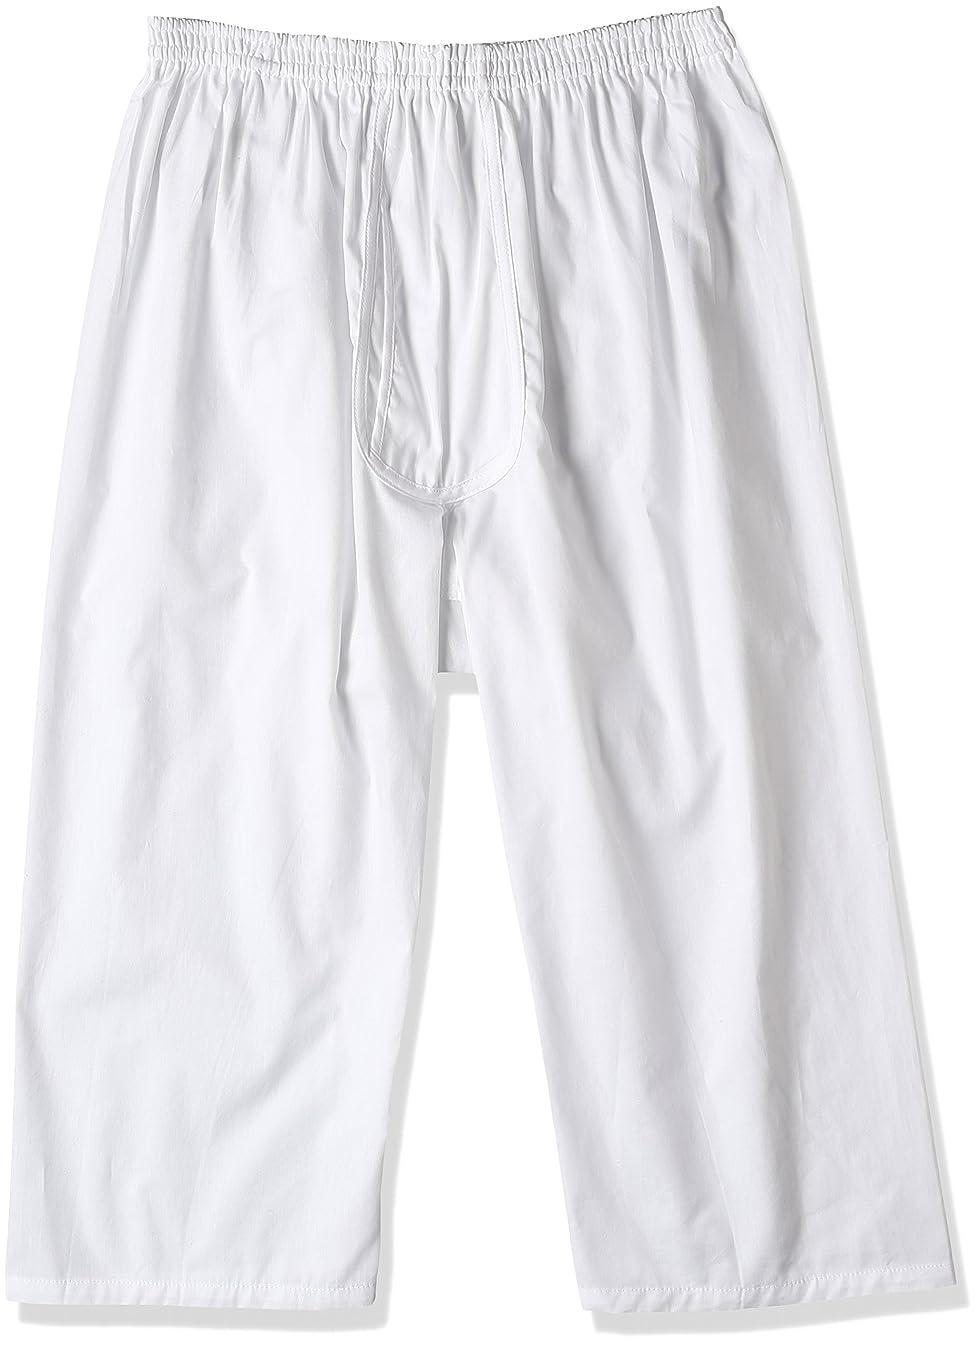 振り返るかもめ買収[グンゼ] ズボン下 YG DRY&DEOシリーズ ニーレングス 前あき YV1007N メンズ